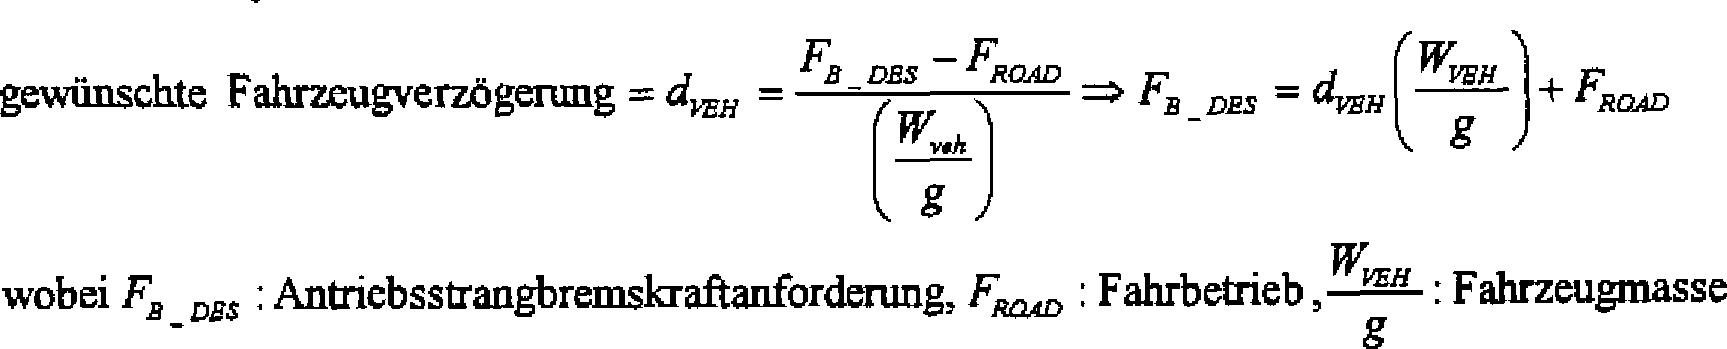 Figure DE102008023732B4_0002